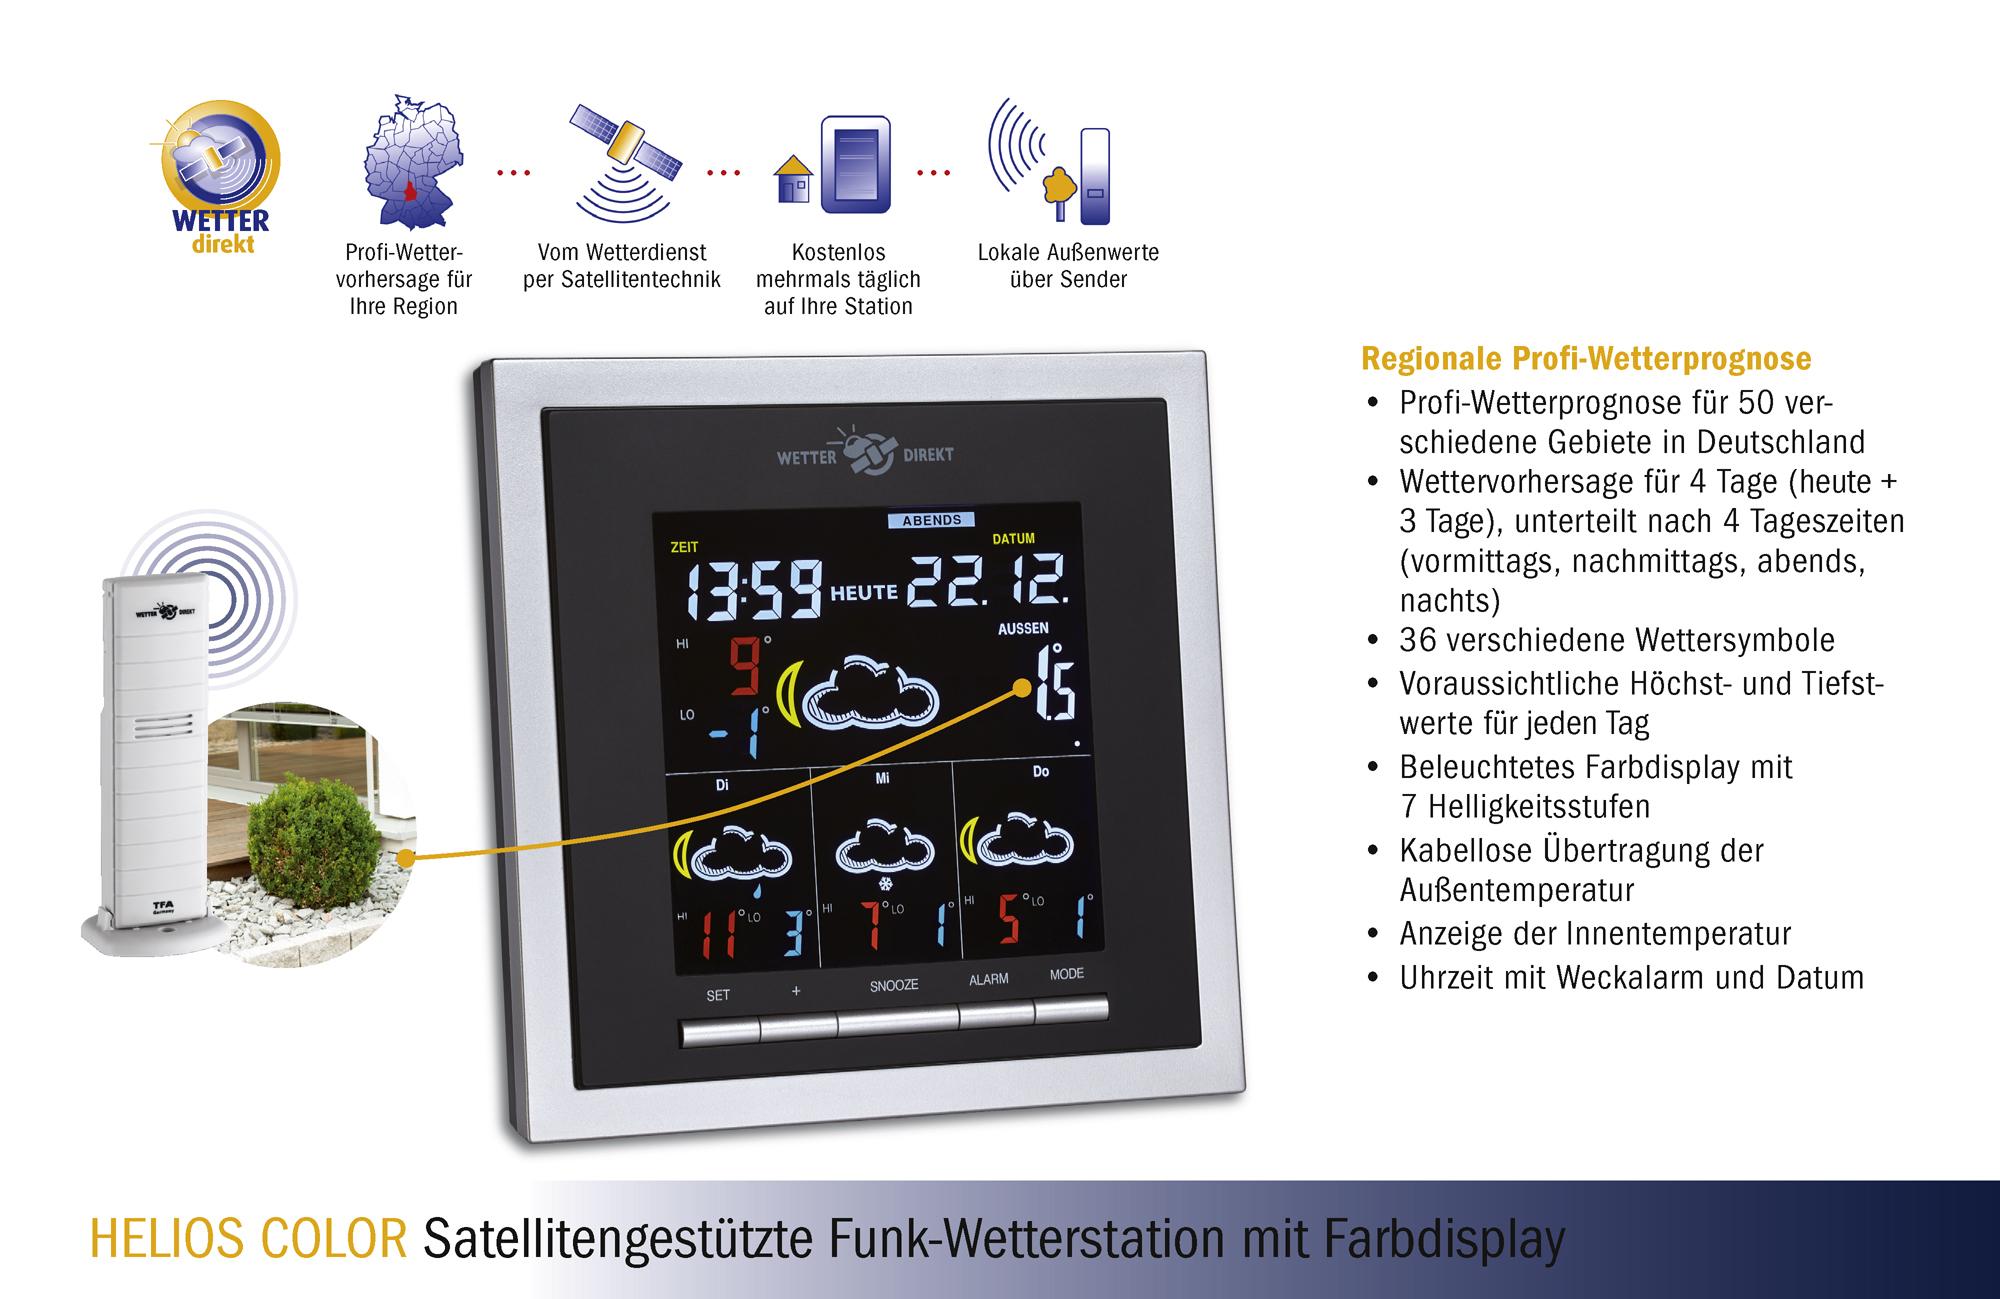 Helios_Funk-Wetterstation_Wetterdirekt_355057_Vorteile.jpg